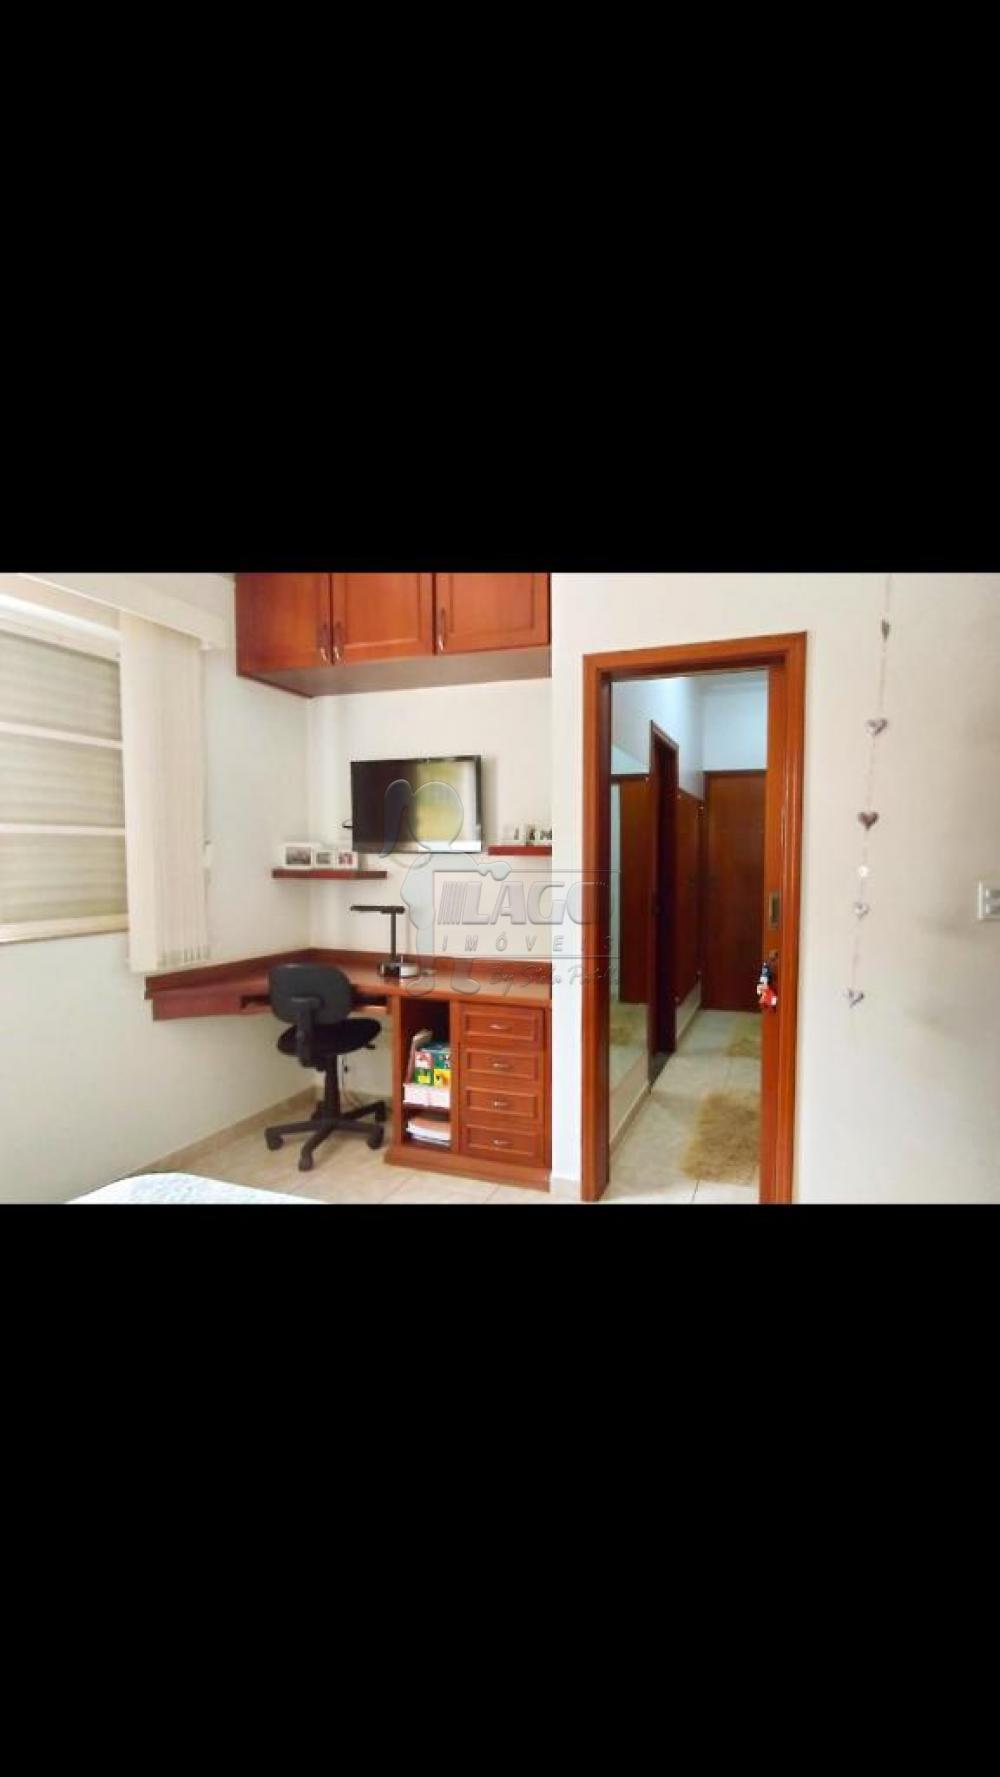 Comprar Casas / Padrão em Ribeirão Preto apenas R$ 850.000,00 - Foto 5